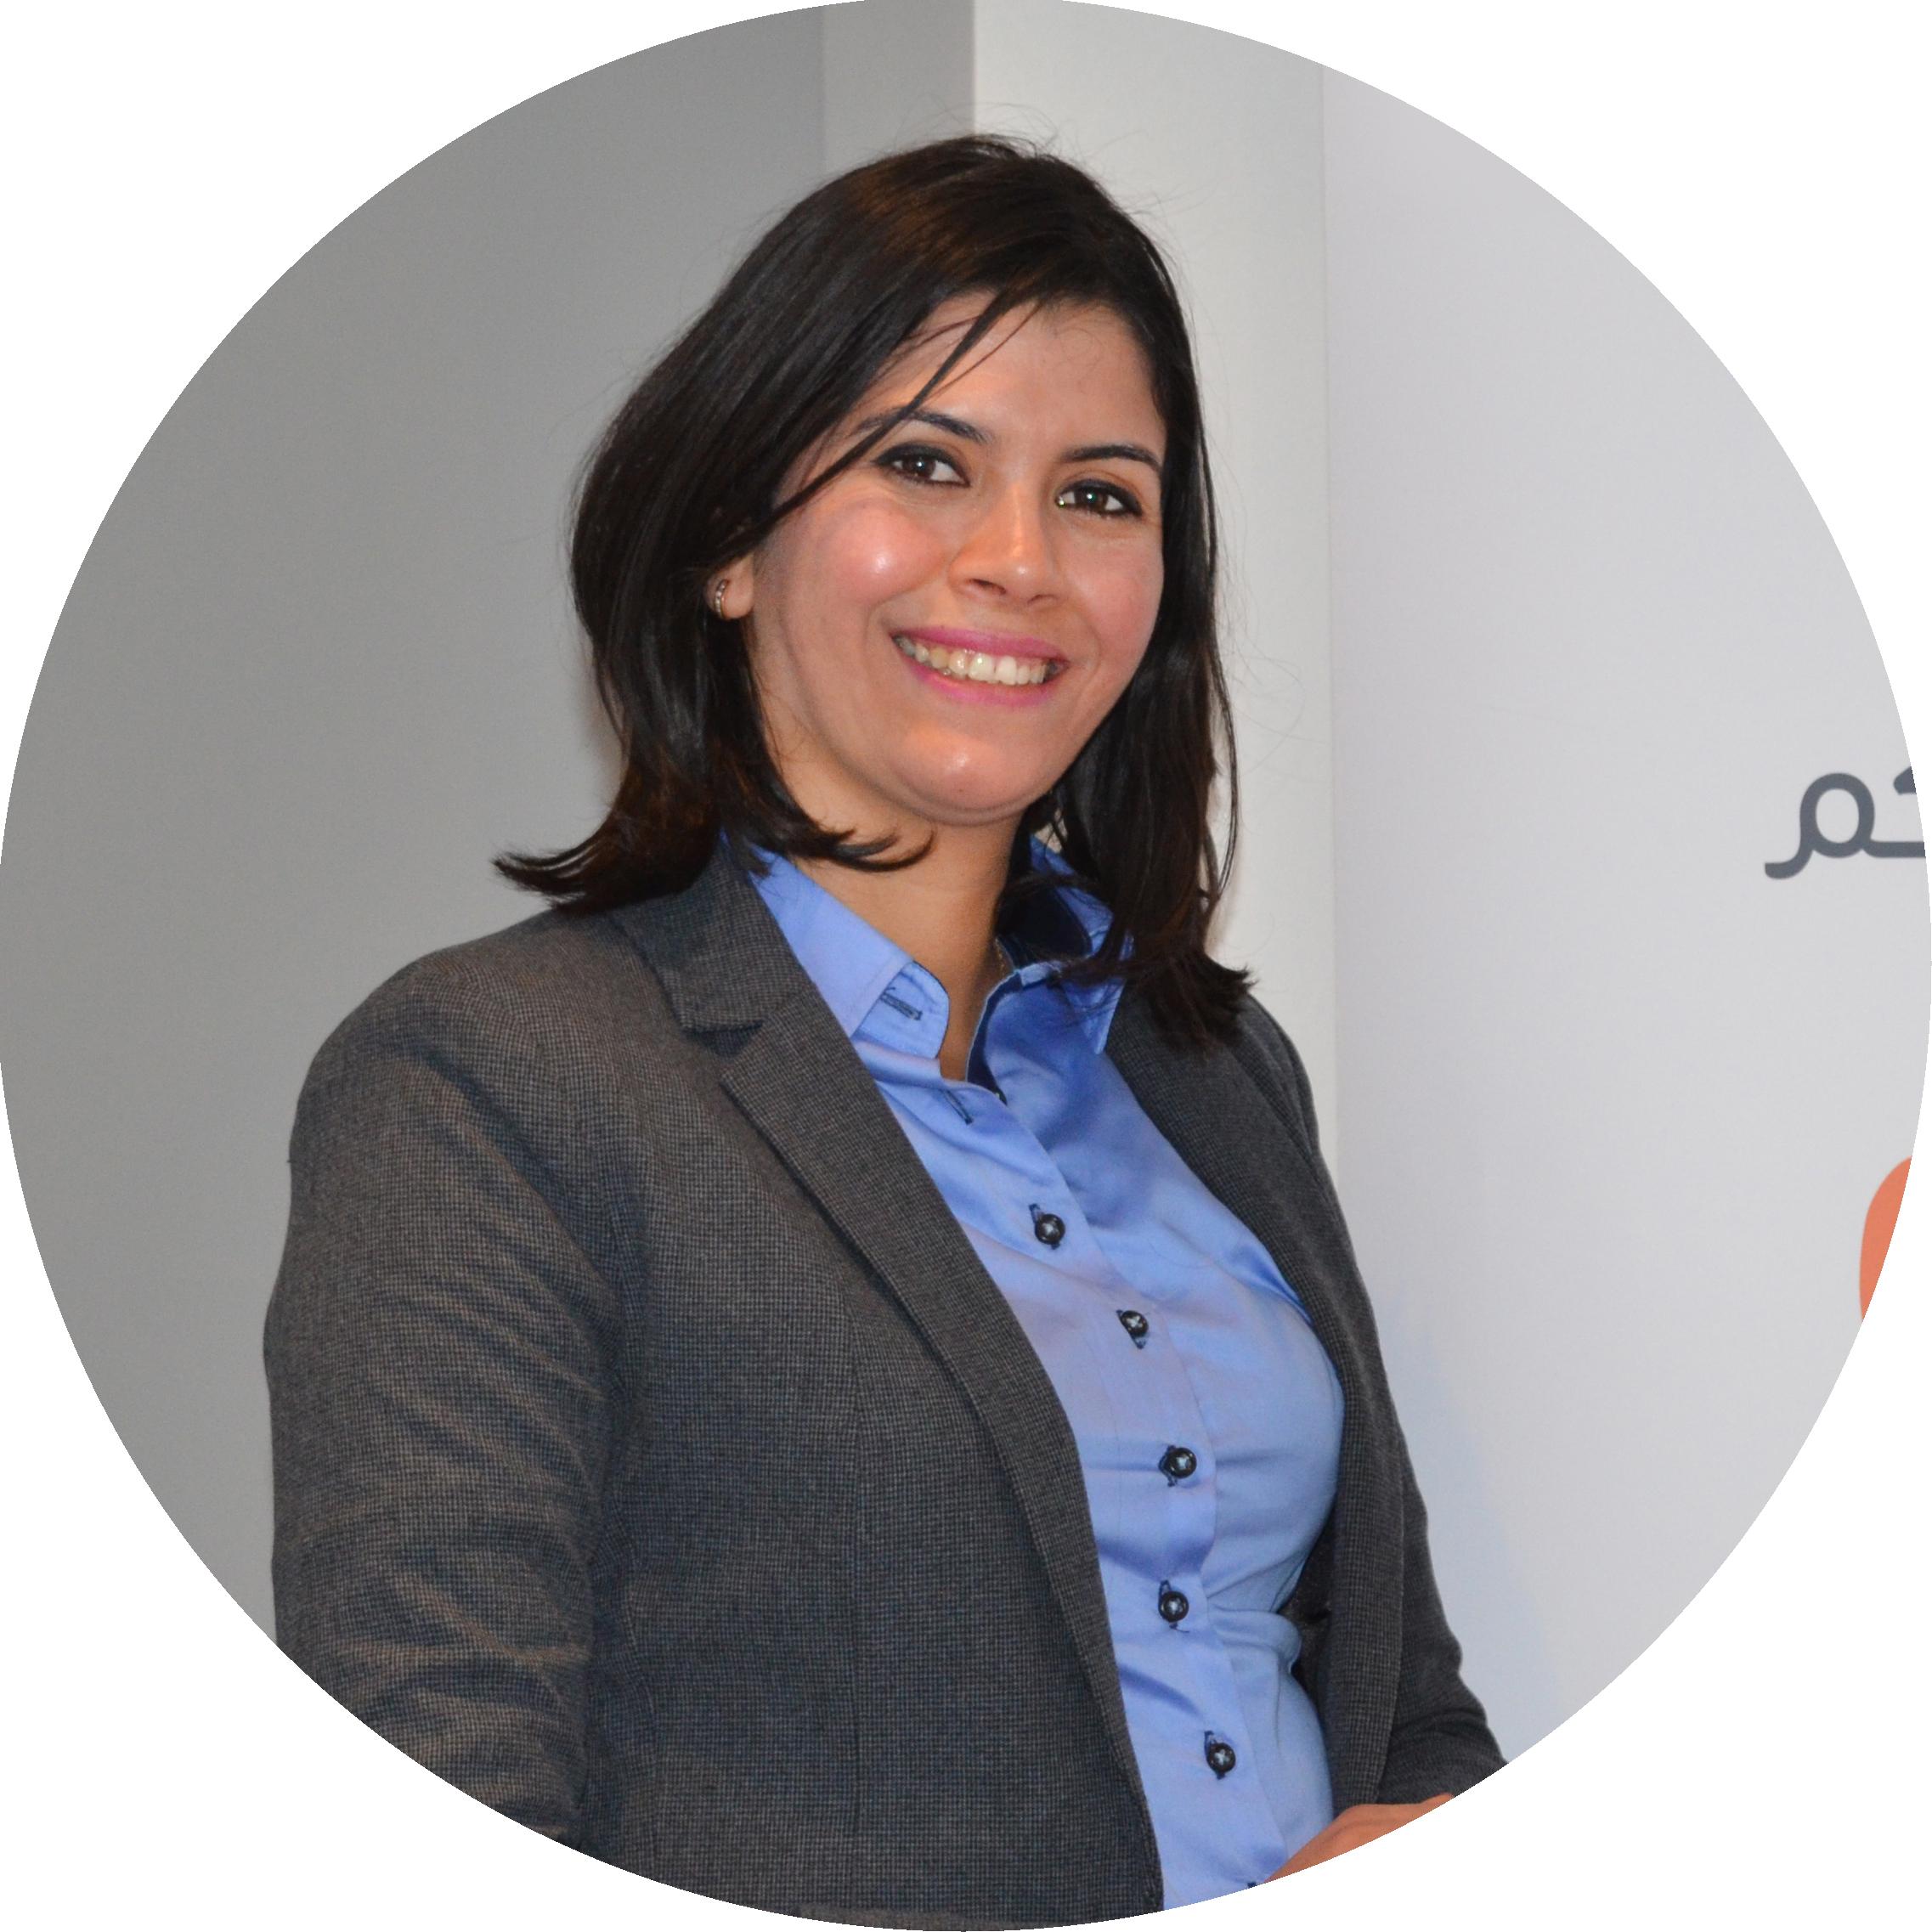 Fatima Ezzahra Bersat